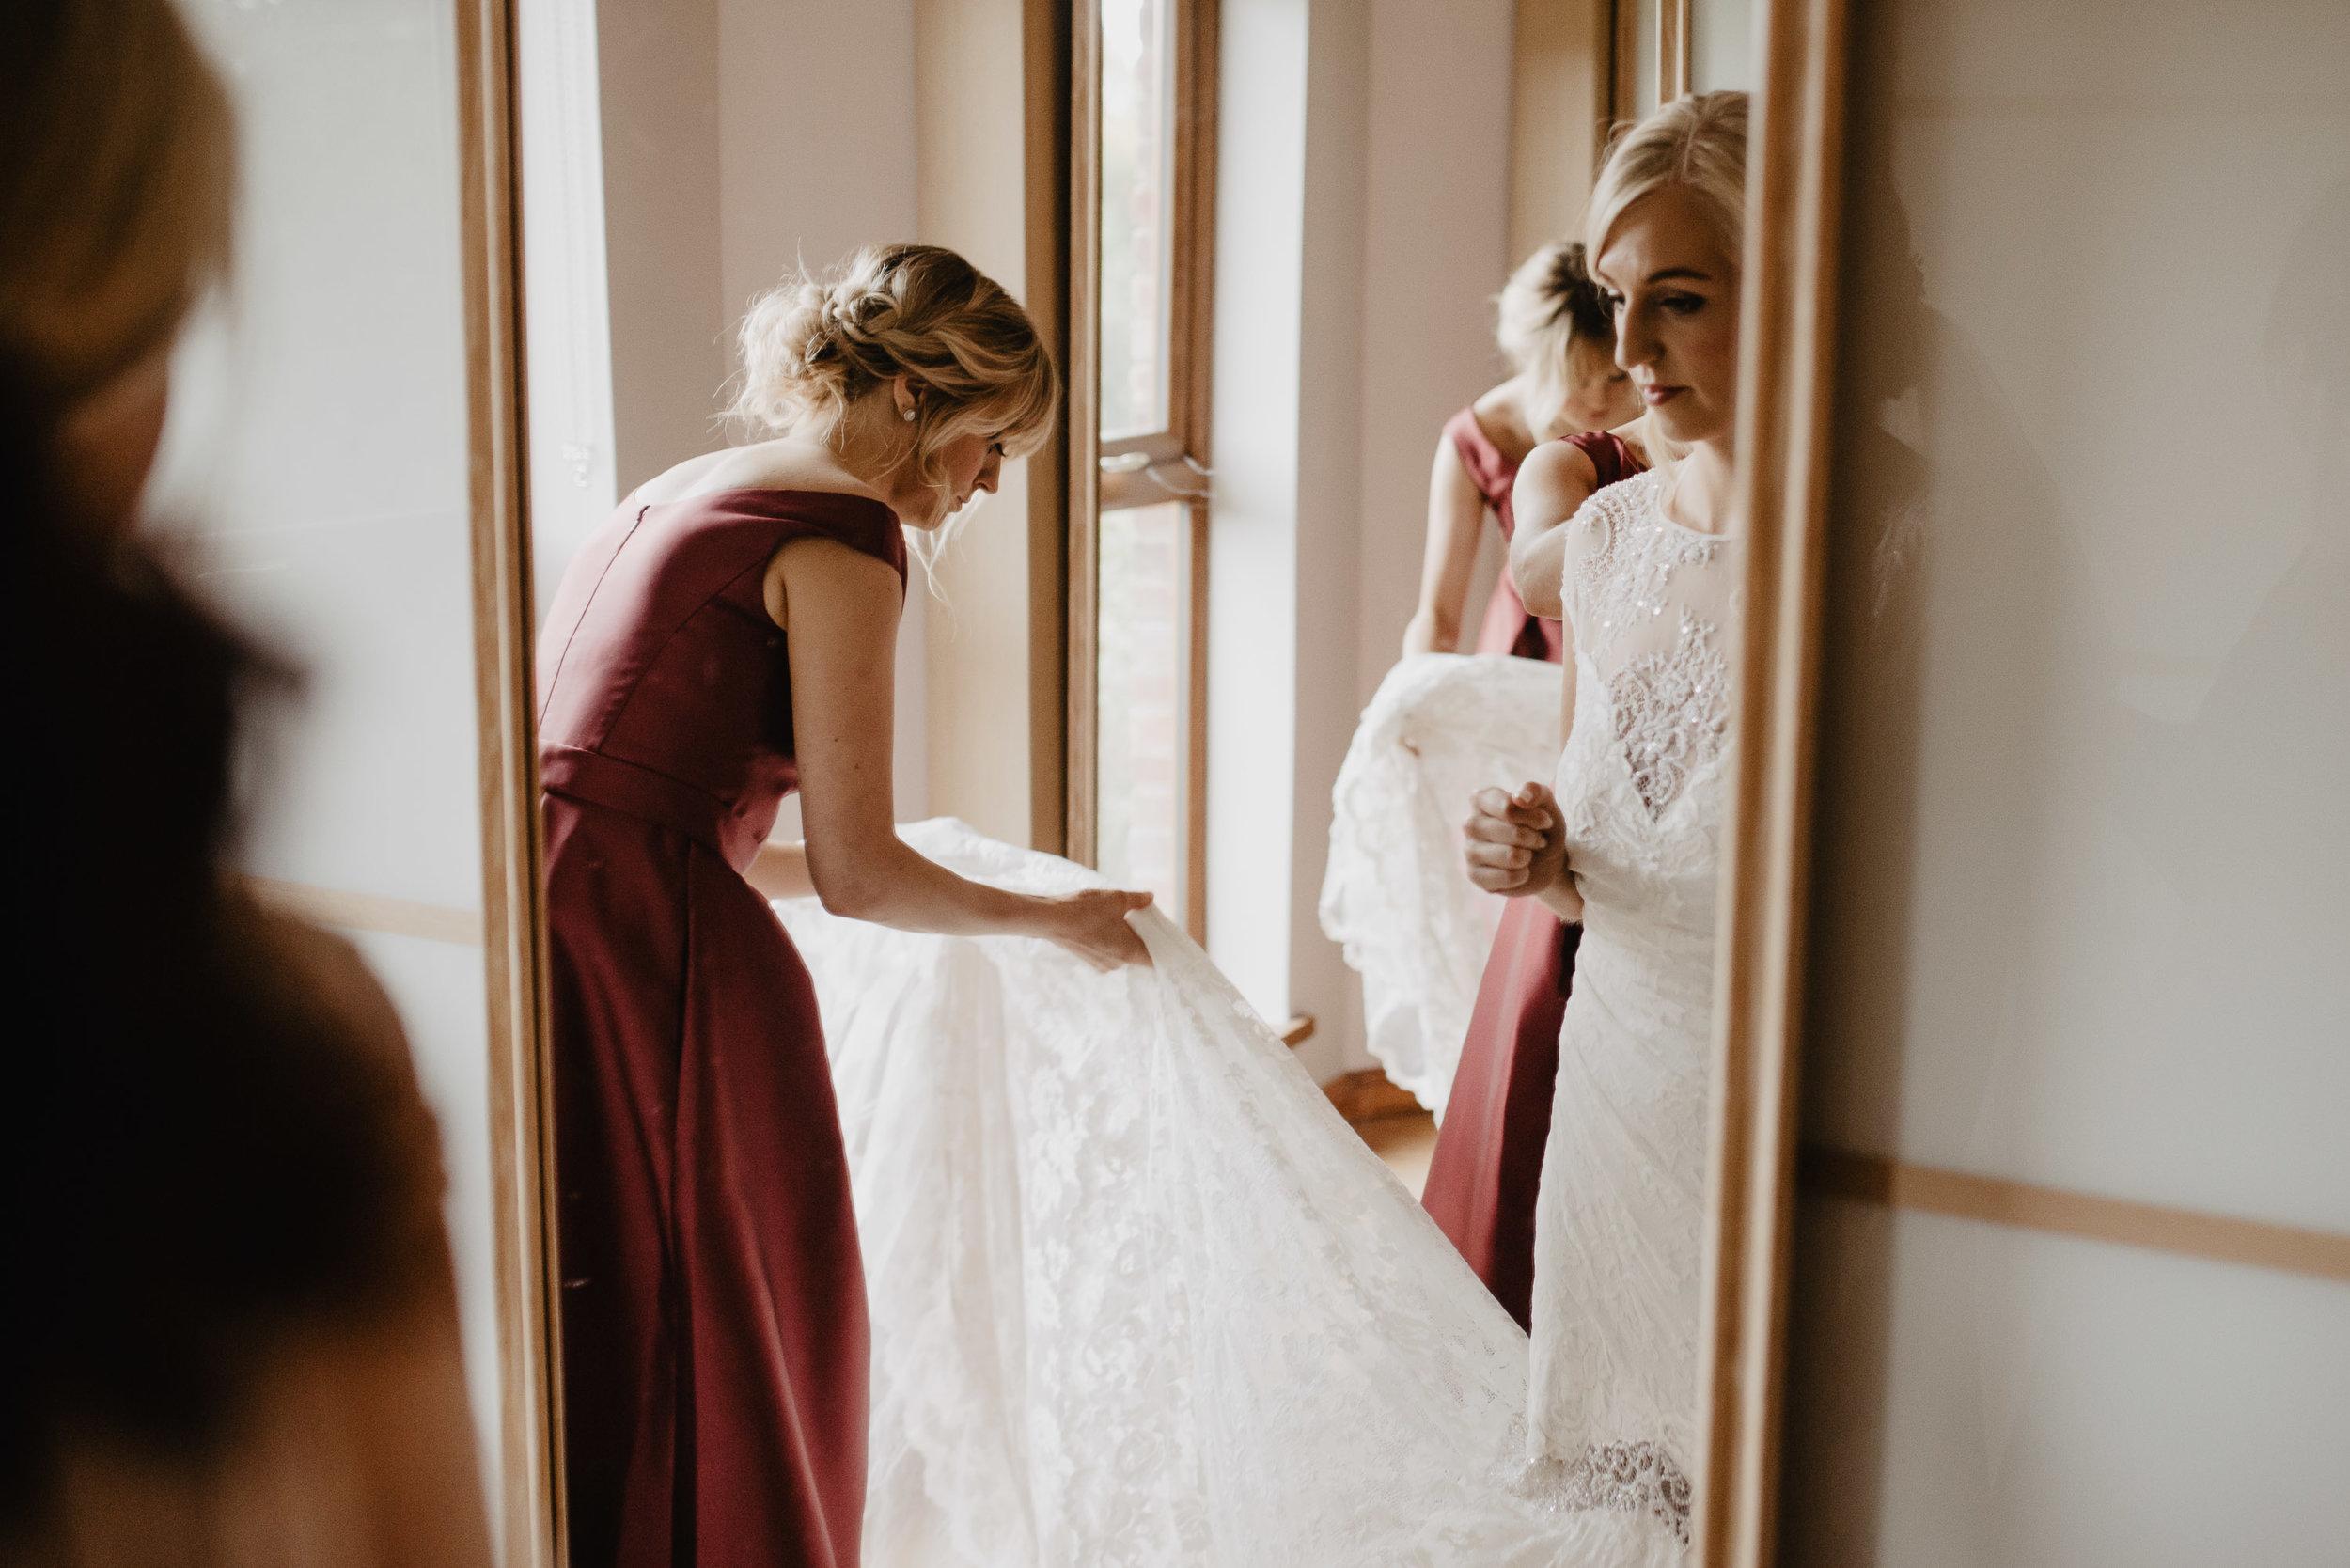 larchfield estate wedding photos-21.jpg